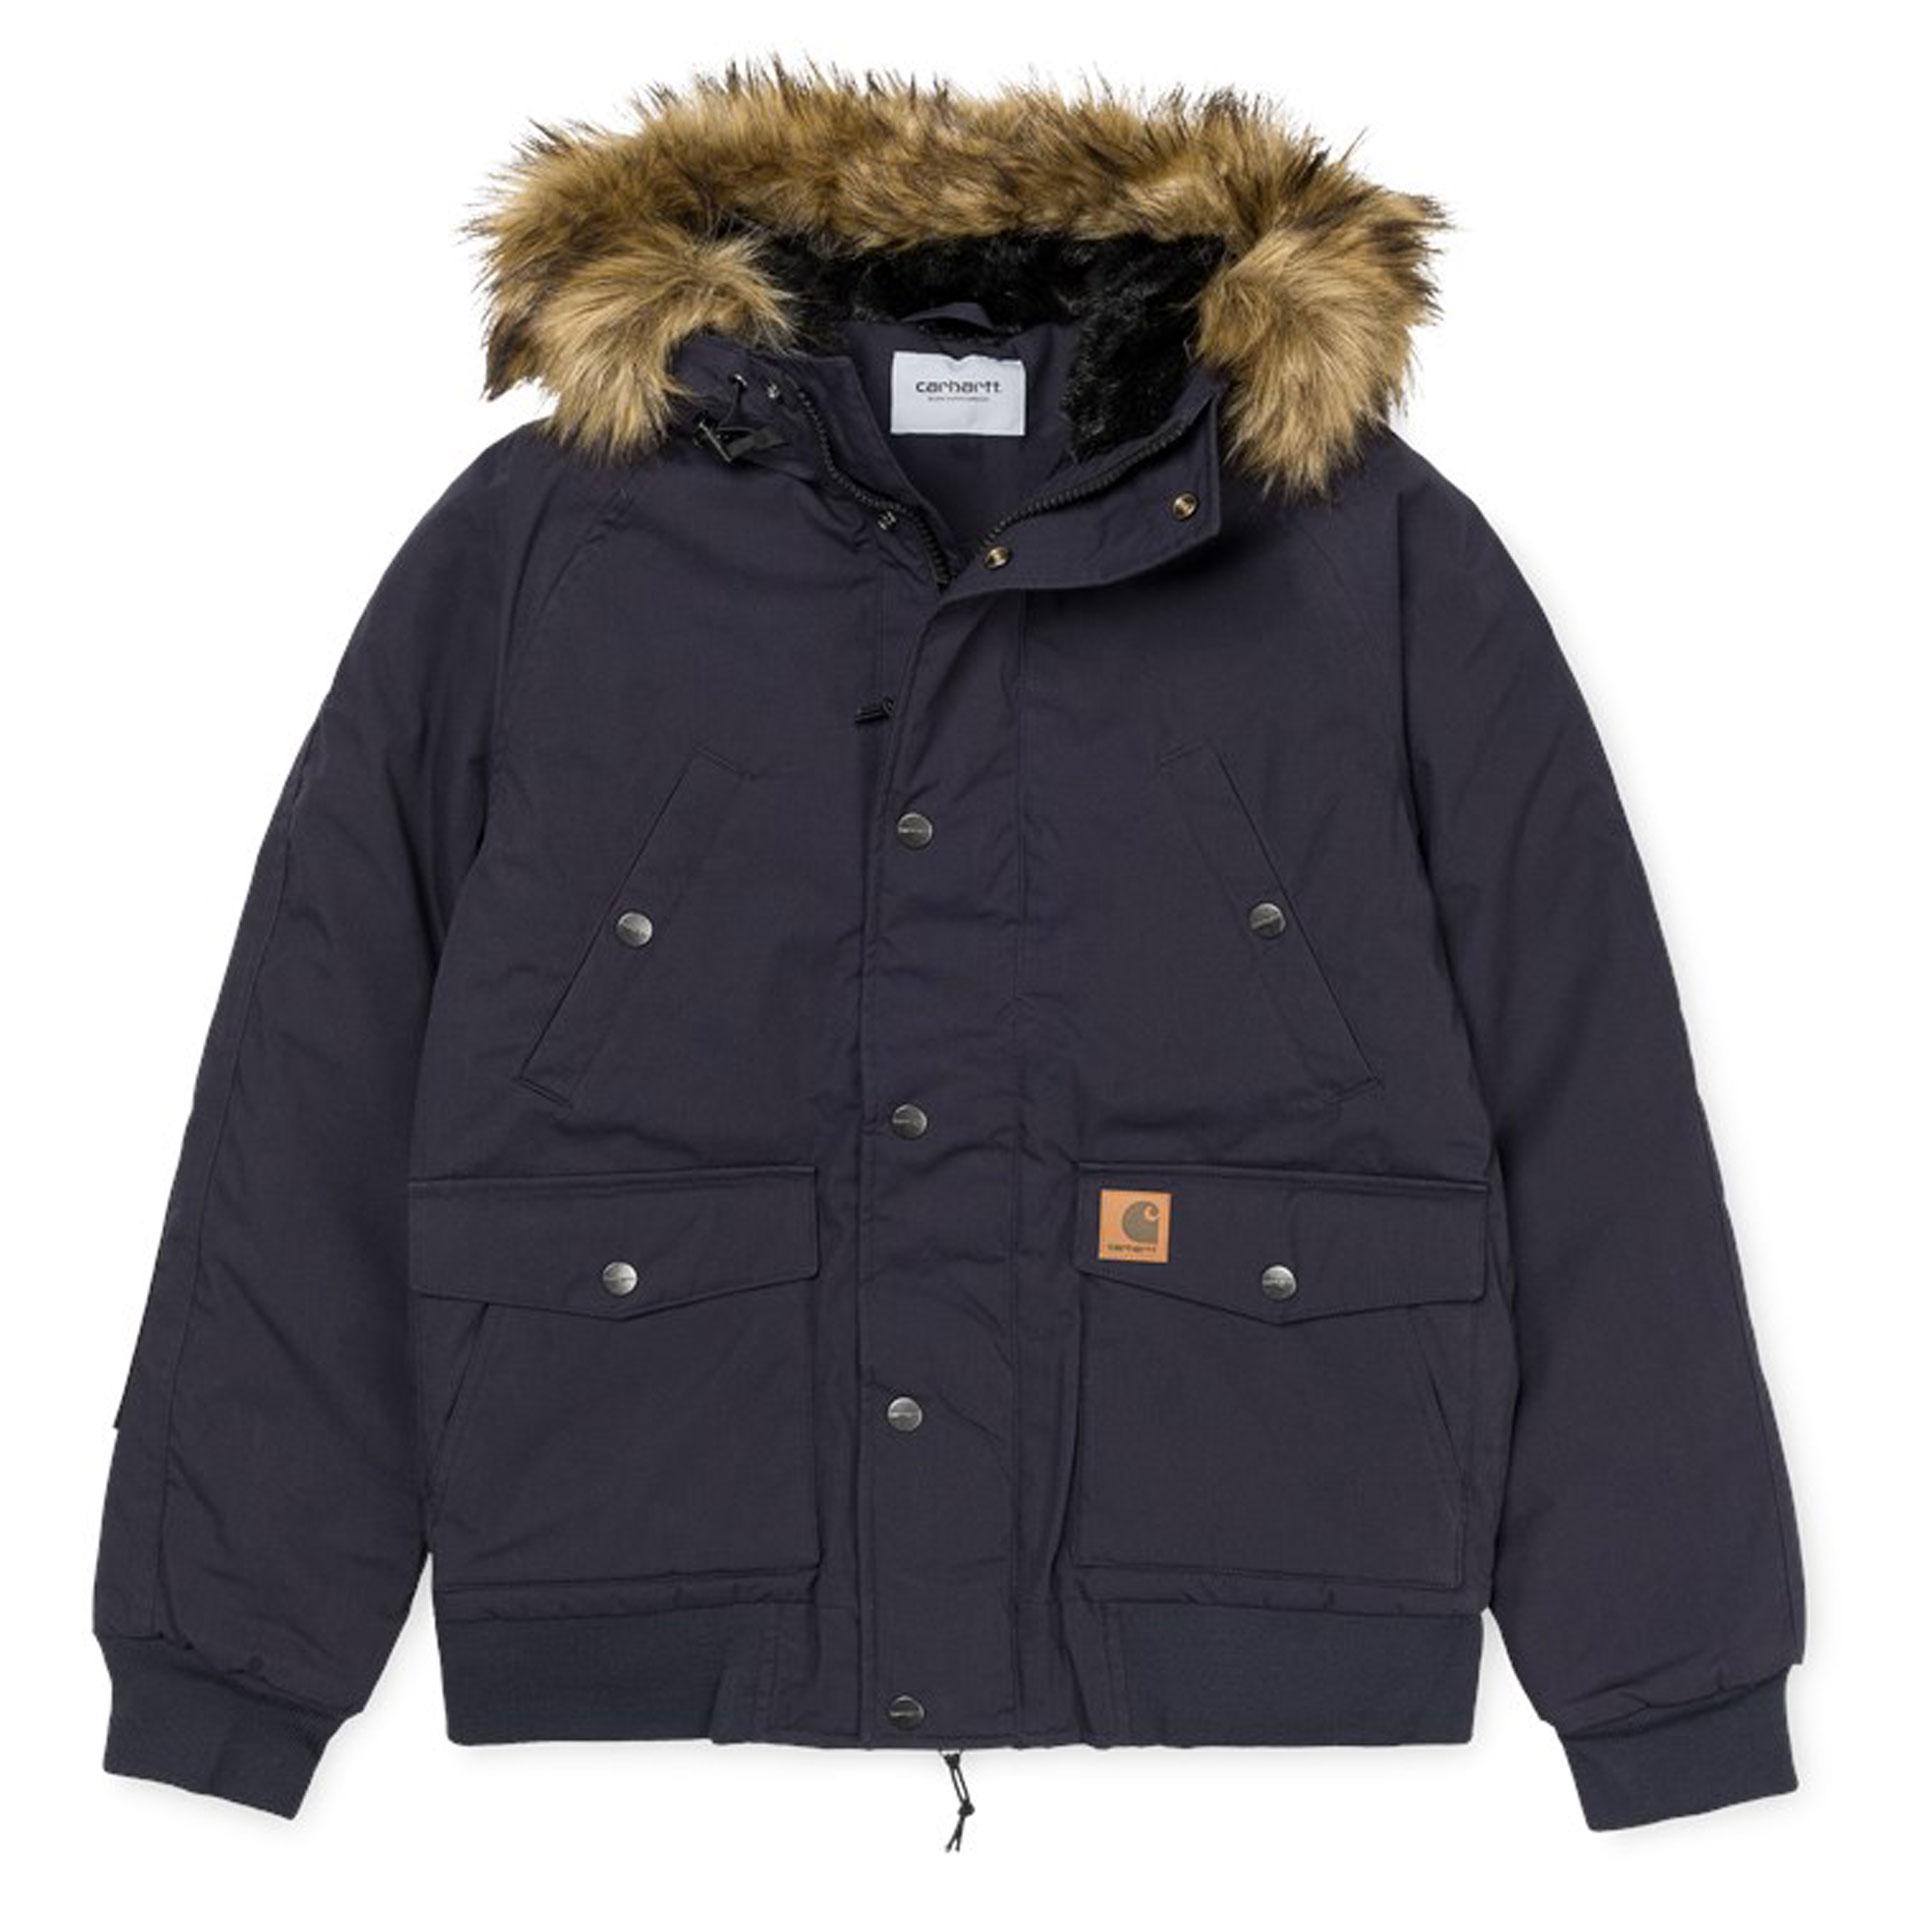 Trapper Jacket